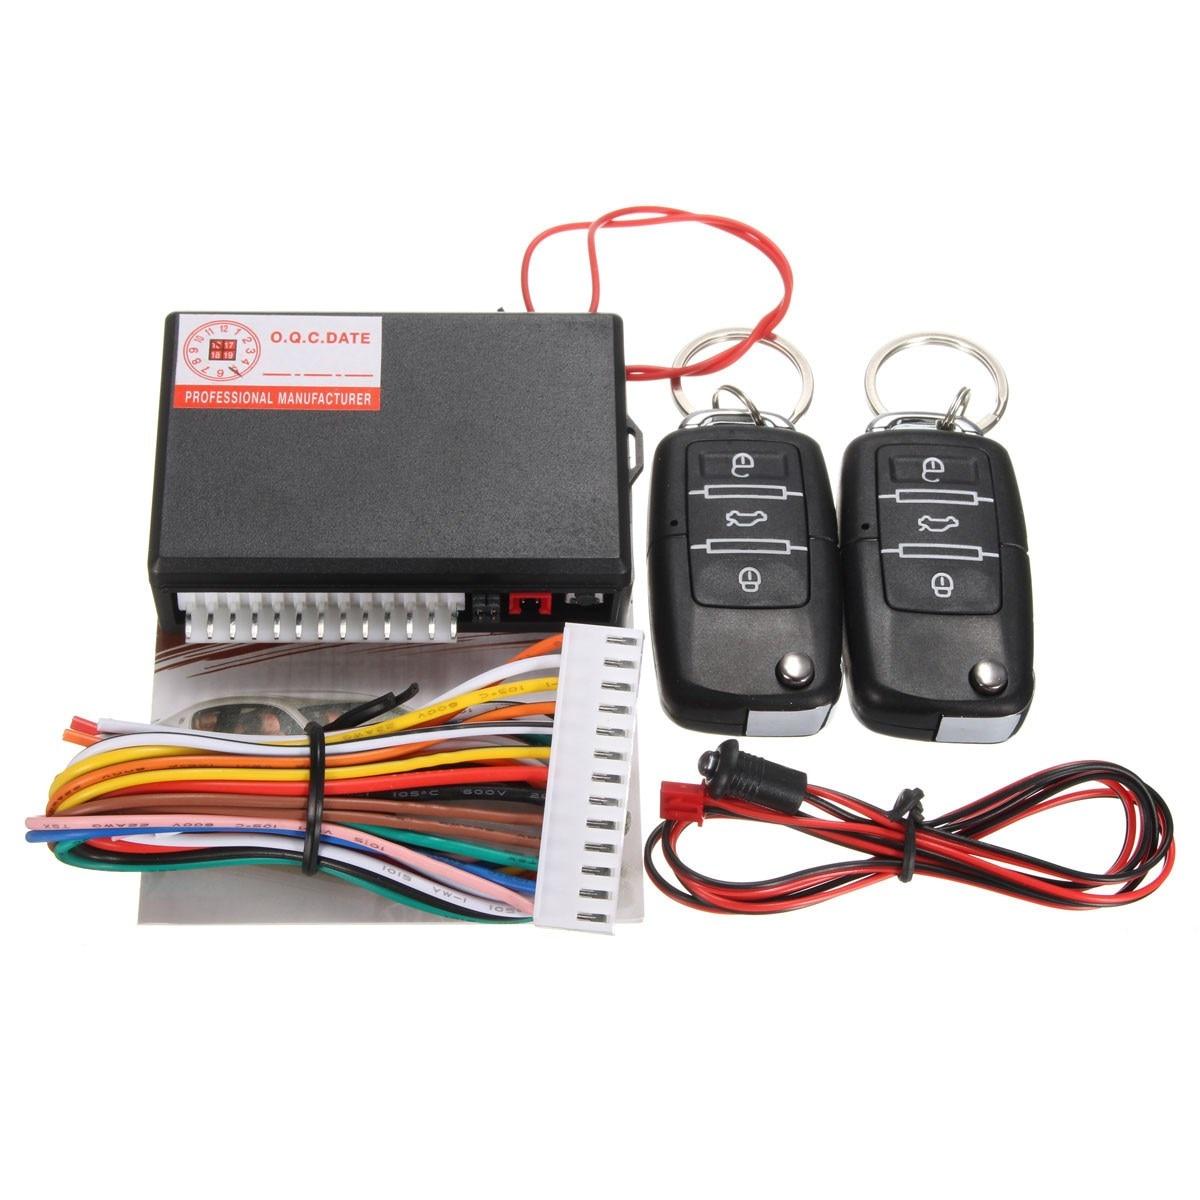 lock lockey hyundai remote door corporation products control trade